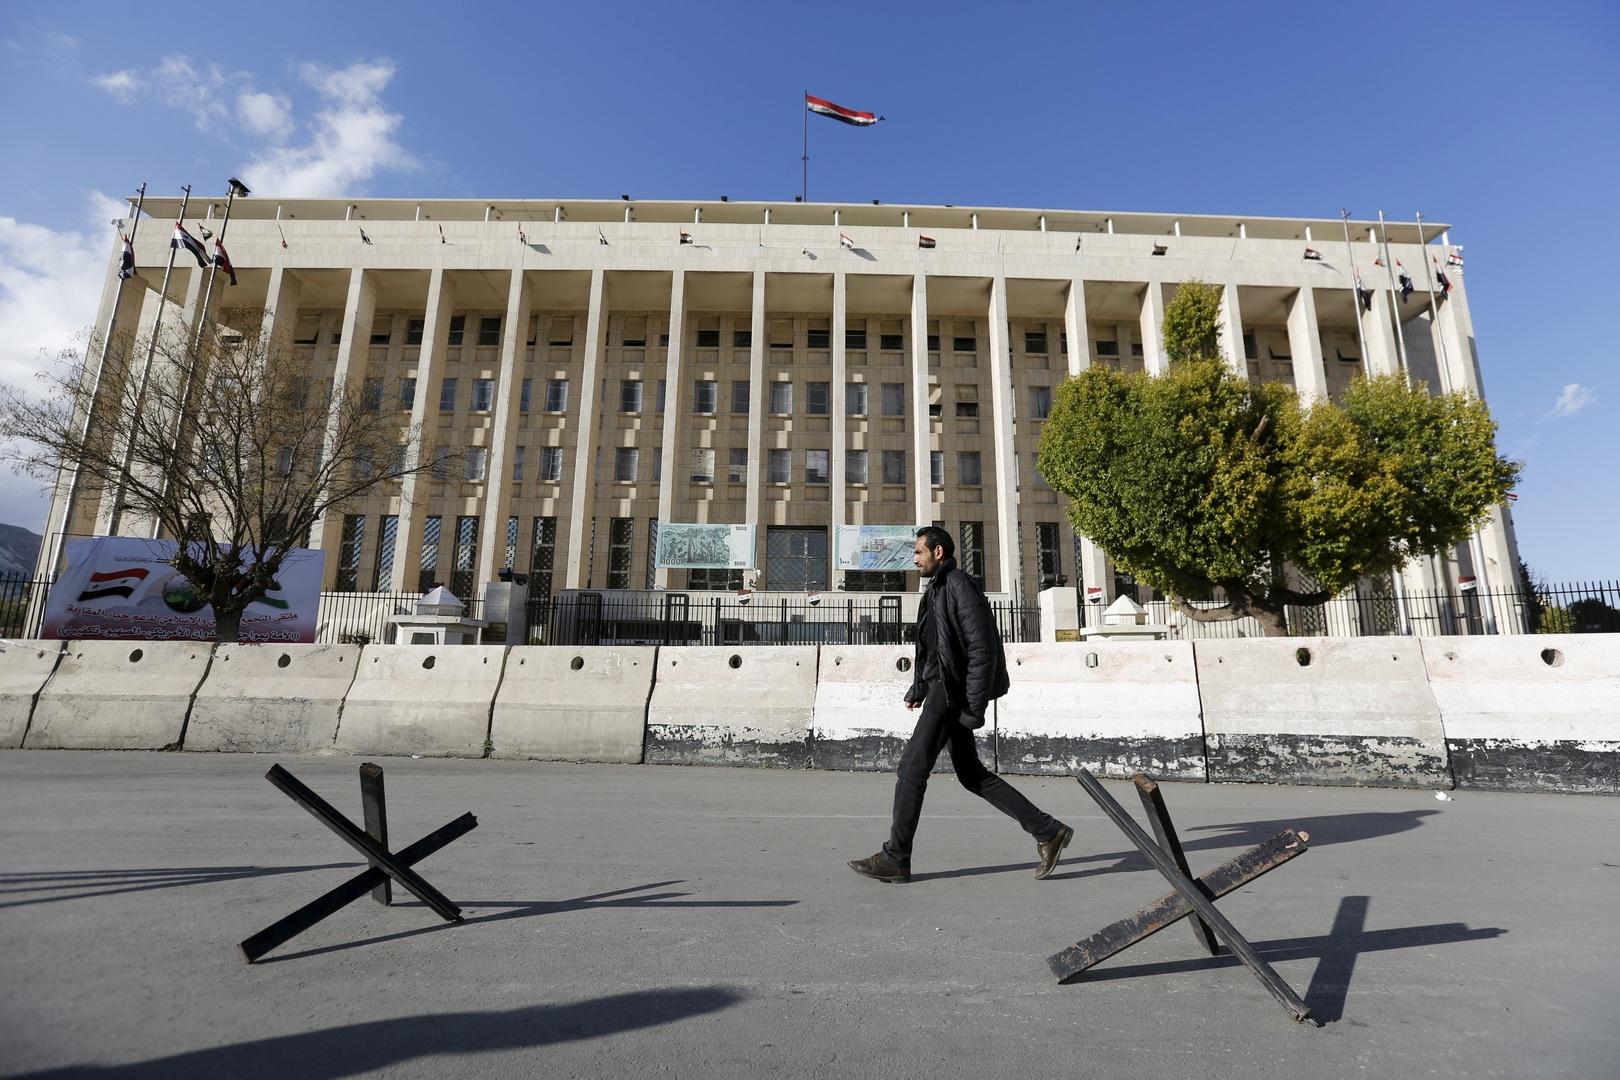 وصف السوري بطائر الفينيق .. حاكم المركزي: الوضع أفضل مما يتوقع البعض .. ونتائج إيجابية ستظهر